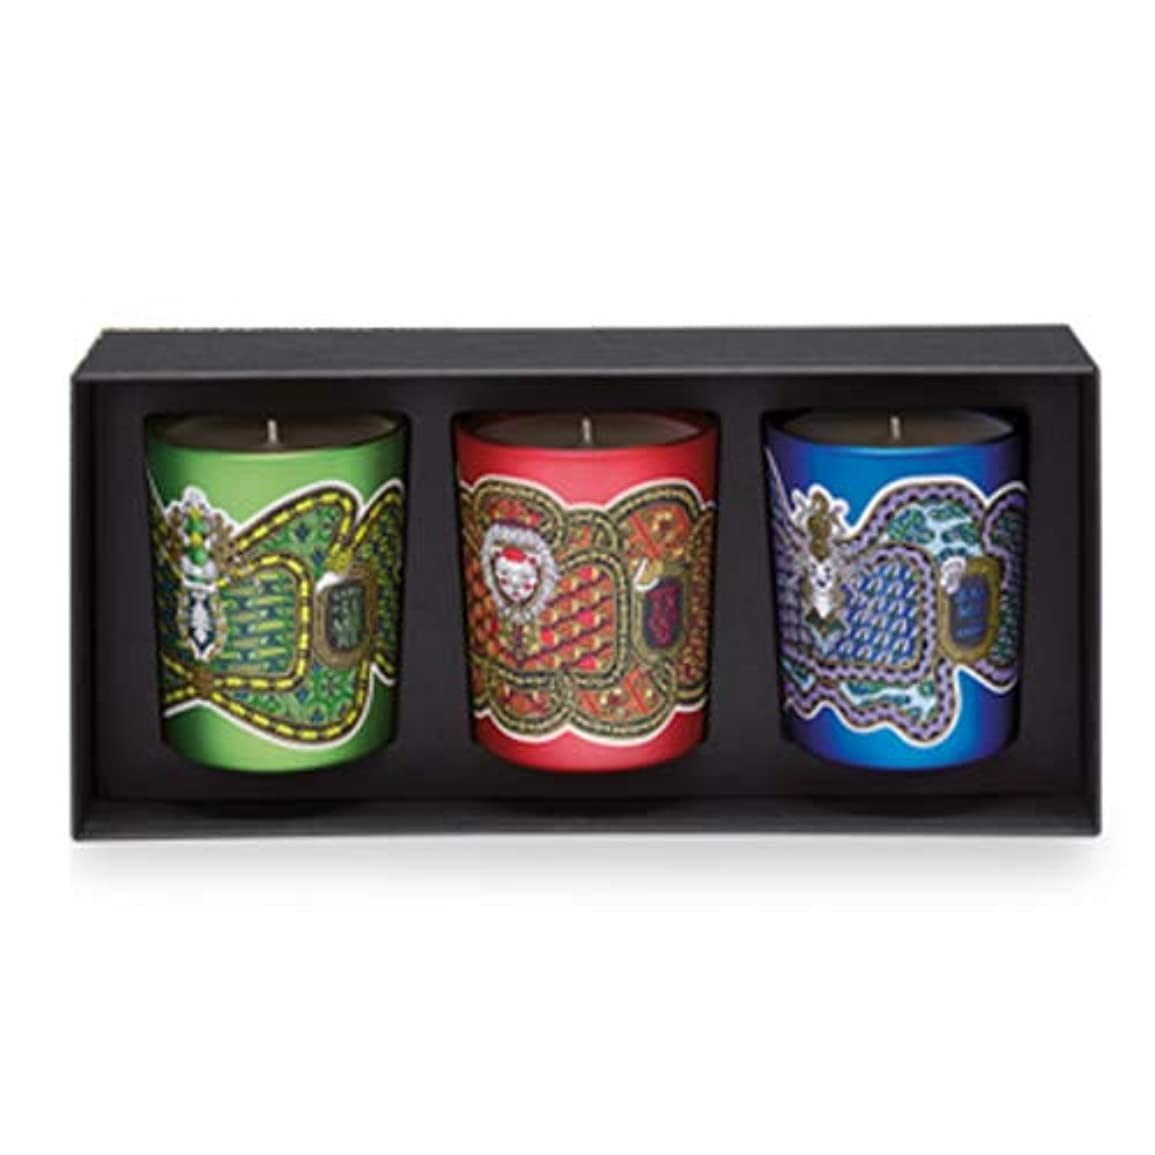 食い違いドリンク何よりもディプティック フレグランス キャンドル コフレ 3種類の香り 190g×3 DIPTYQUE LEGENDE DU NORD SCENTED HOLIDAY 3 CANDLE SET [6586] [並行輸入品]